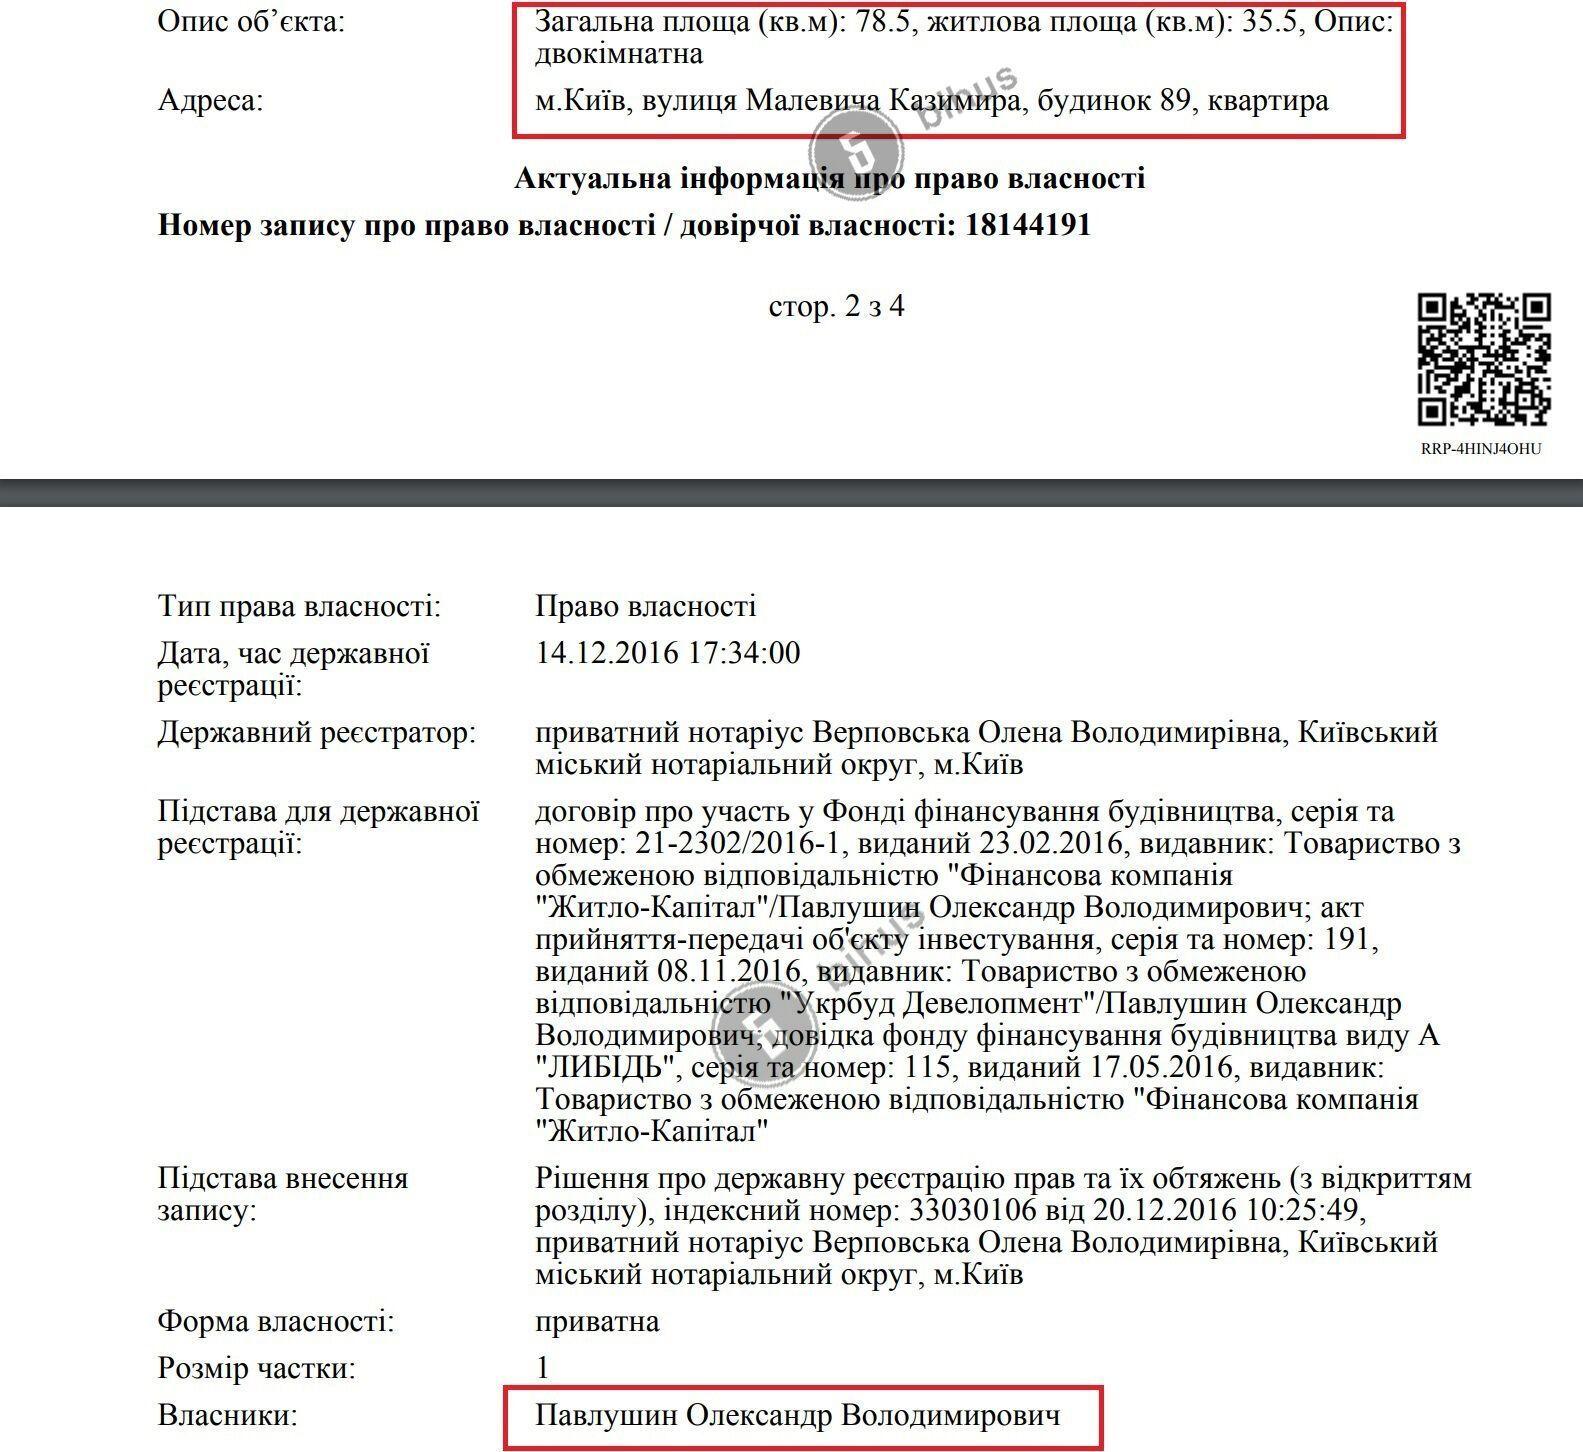 Данные о квартире Павлушина.